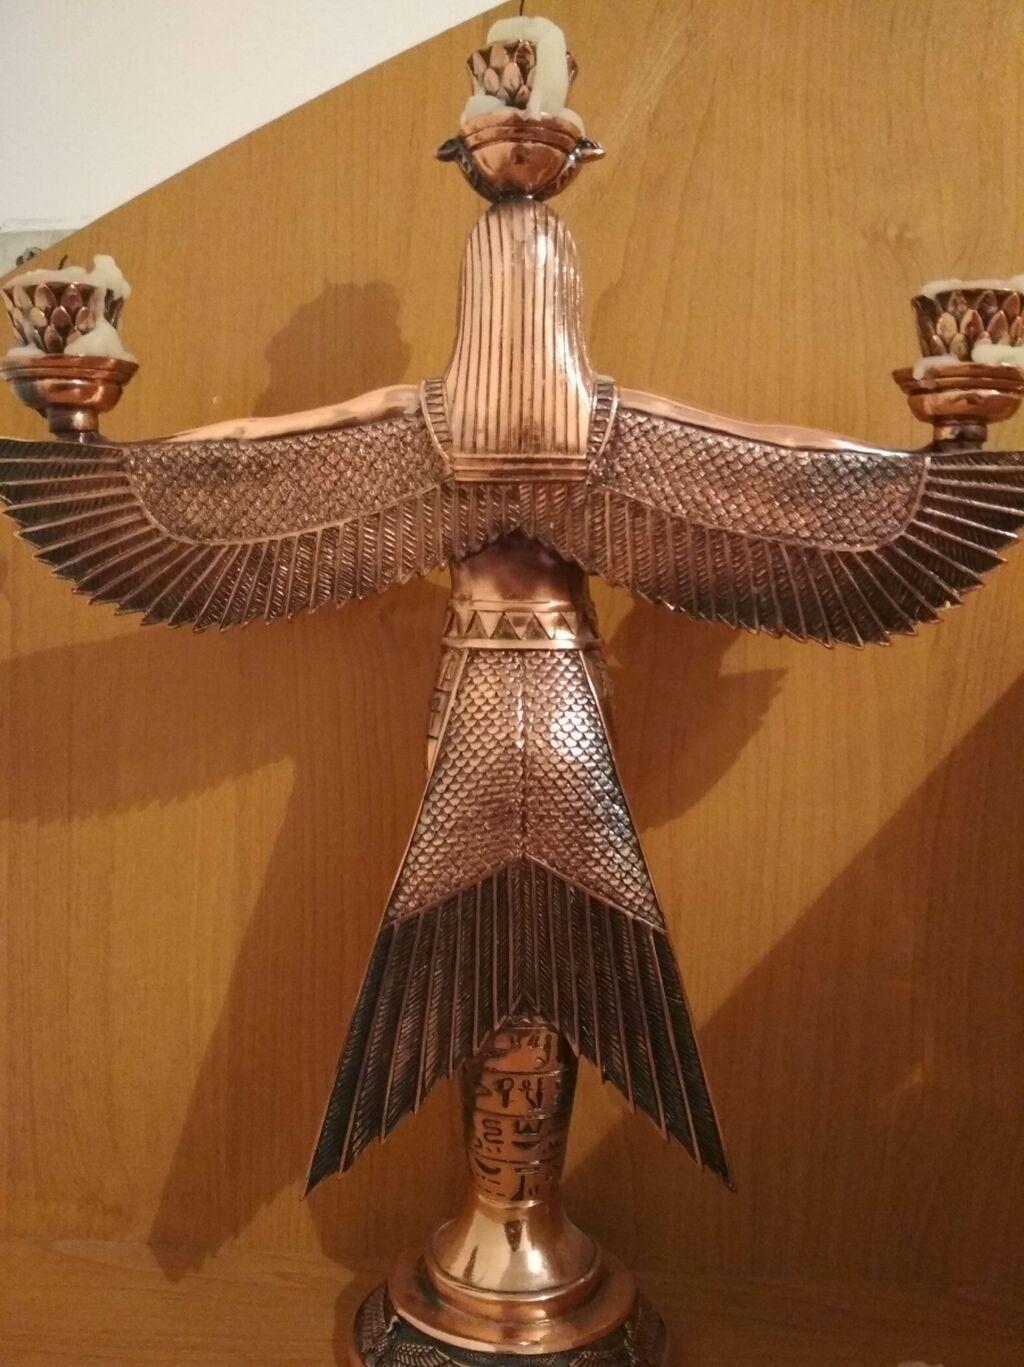 Продаю статуэтку ангела древнего Египта из чистой меди: Продаю статуэтку ангела древнего Египта из чистой меди